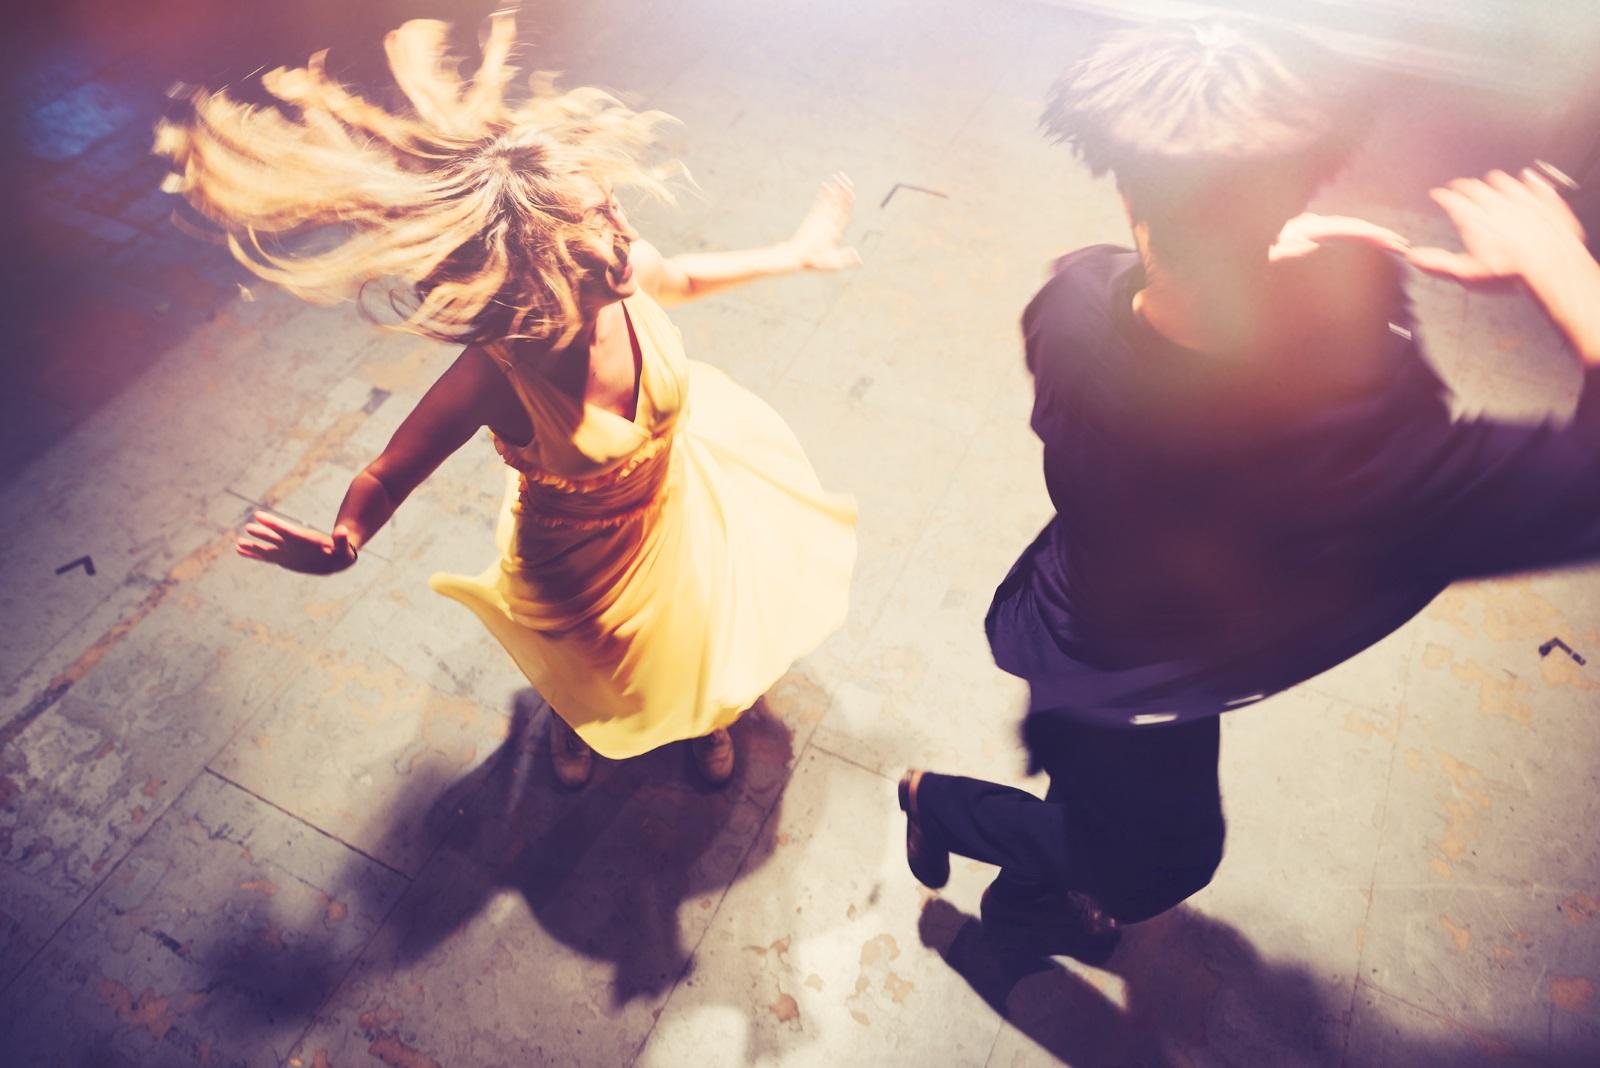 <p>Посетете заедно клас за танци. Ако ти и партньорът ти не се страхувате да експериментирате и да бъдете креативни, опитай се да организираш танцов клас за рождения му ден. И двамата можете да научите някои нови движения, да станете интимни по нов и вълнуващ начин и евентуално да излезете от зоната си на комфорт.</p>